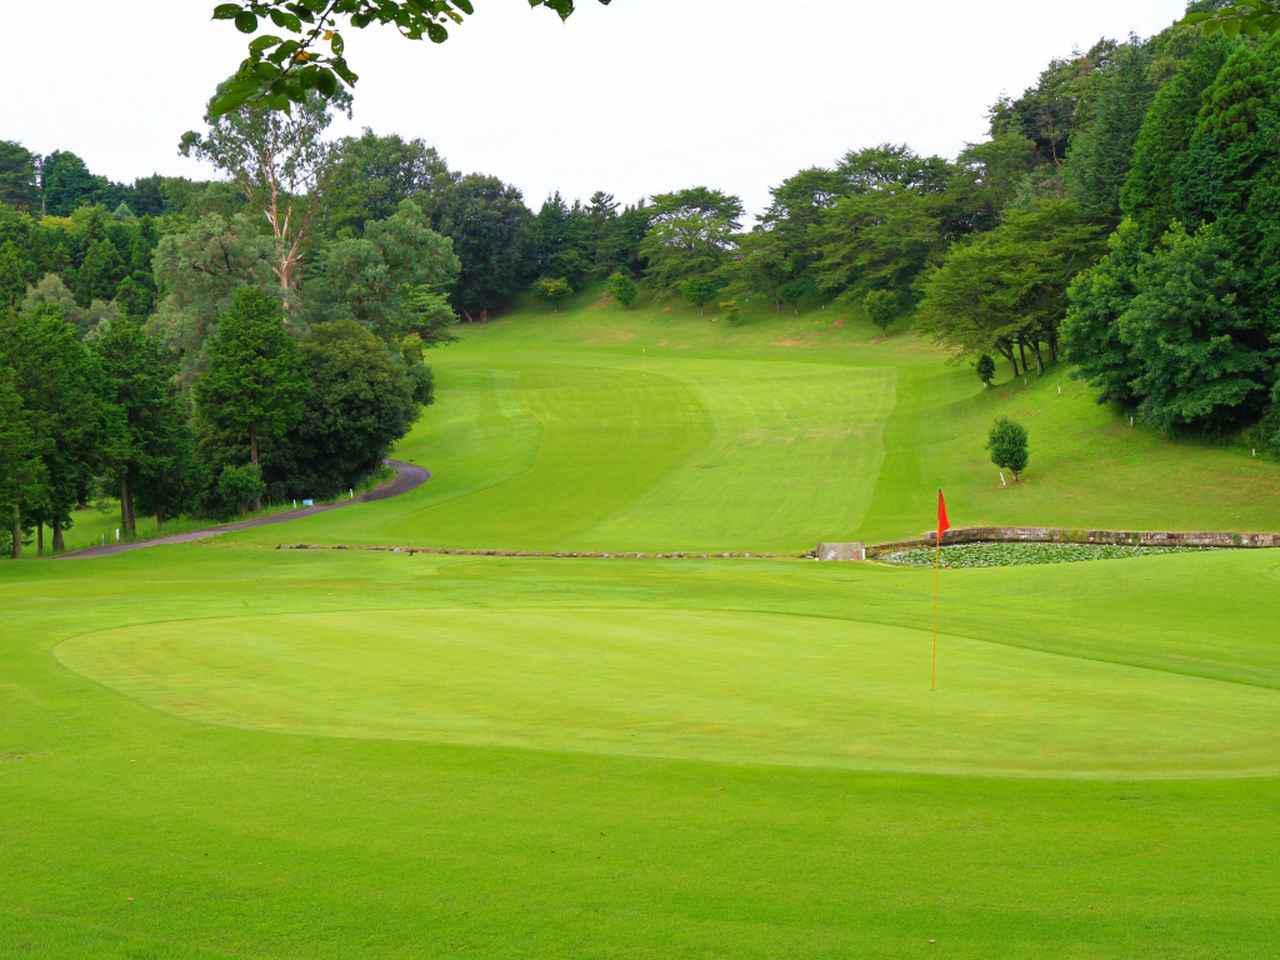 画像: 皐月ゴルフ倶楽部 鹿沼コースのクラブ競技